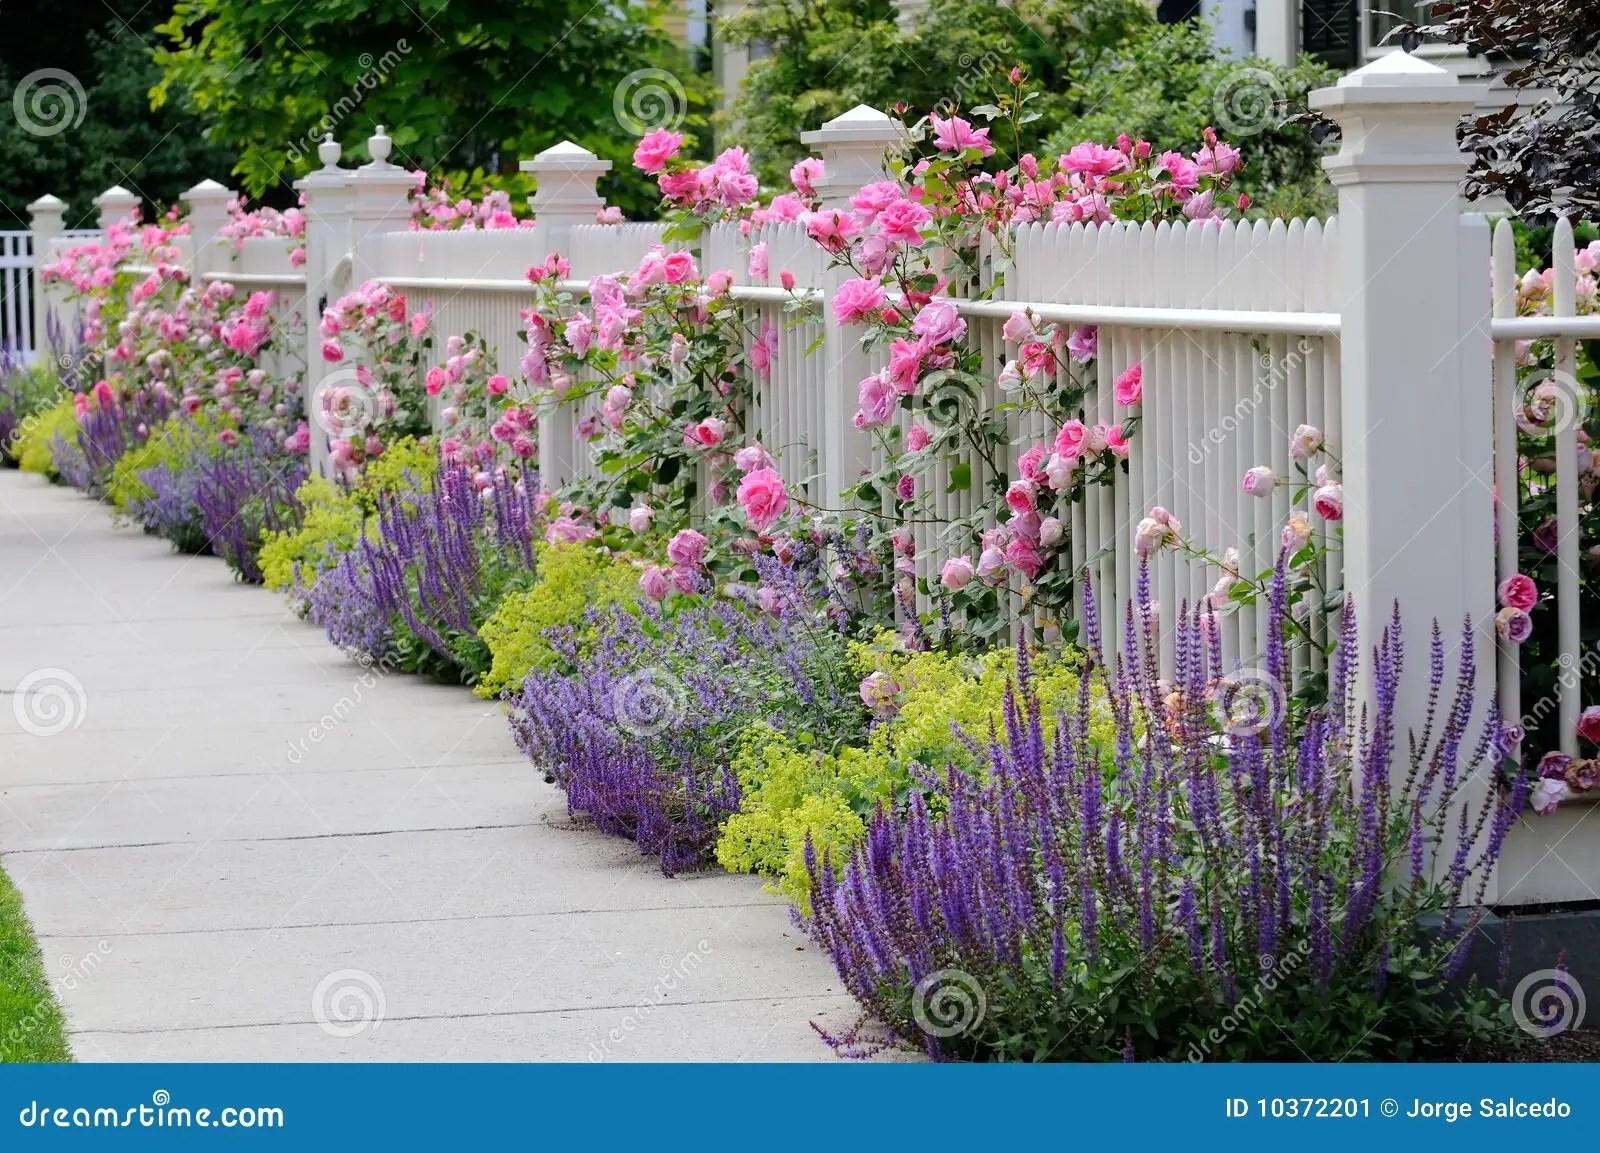 White Trellis Fence